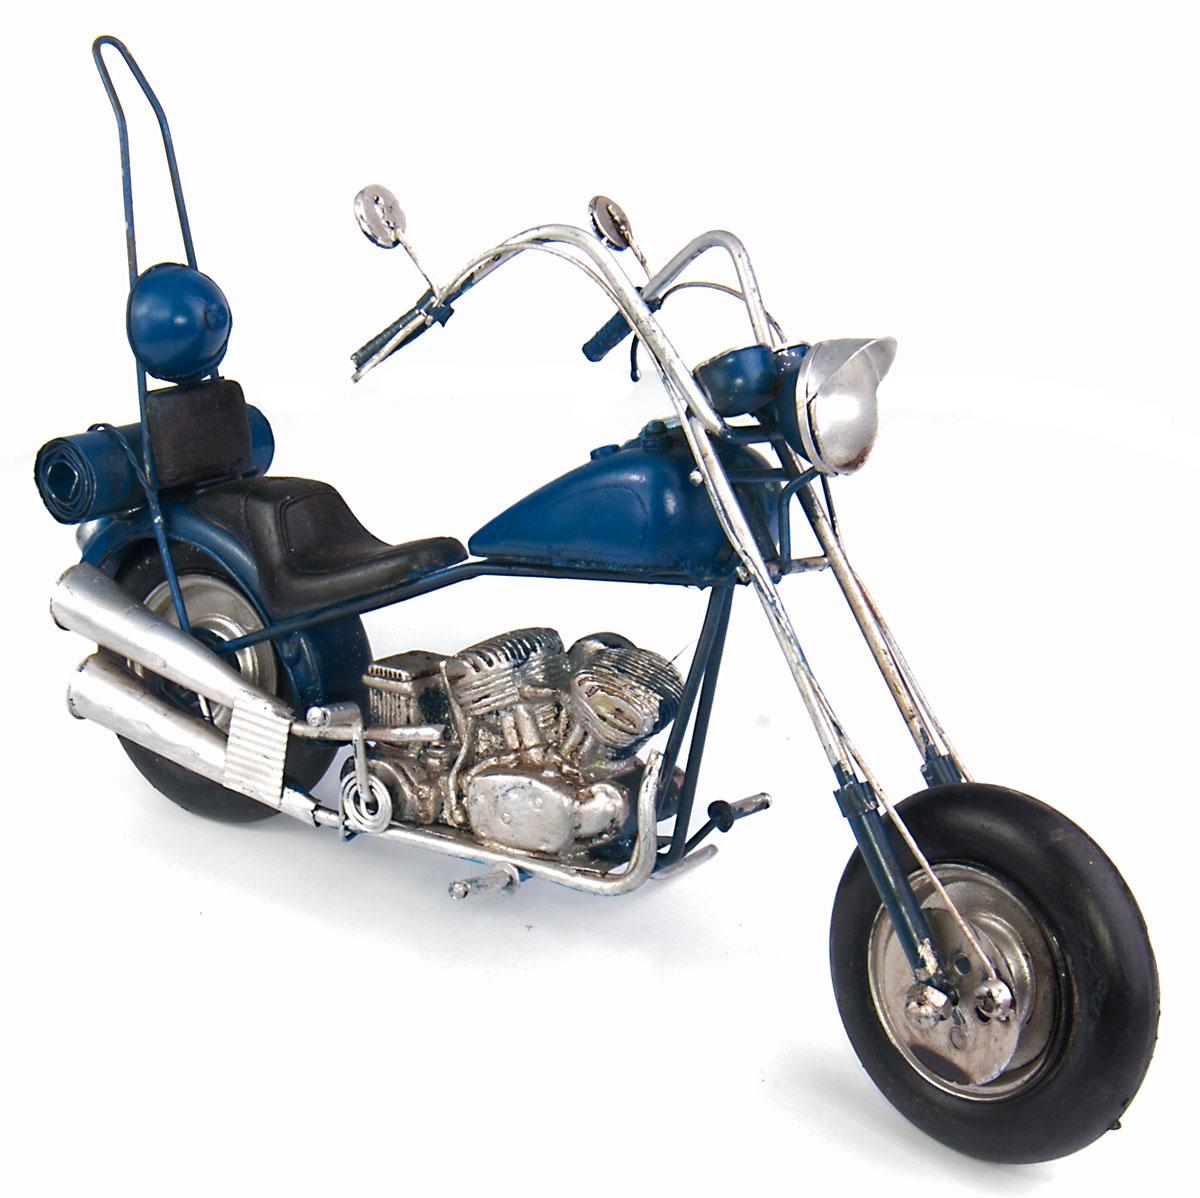 Модель Platinum Мотоцикл. 1510A-7838Брелок для сумкиМодель Platinum Мотоцикл, выполненная из металла, станет оригинальным украшением интерьера. Вы можете поставить ретро-модель в любом месте, где она будет удачно смотреться.Качество исполнения, точные детали и оригинальный дизайн выделяют эту модель среди ряда подобных. Модель займет достойное место в вашей коллекции, а также приятно удивит получателя в качестве стильного сувенира.